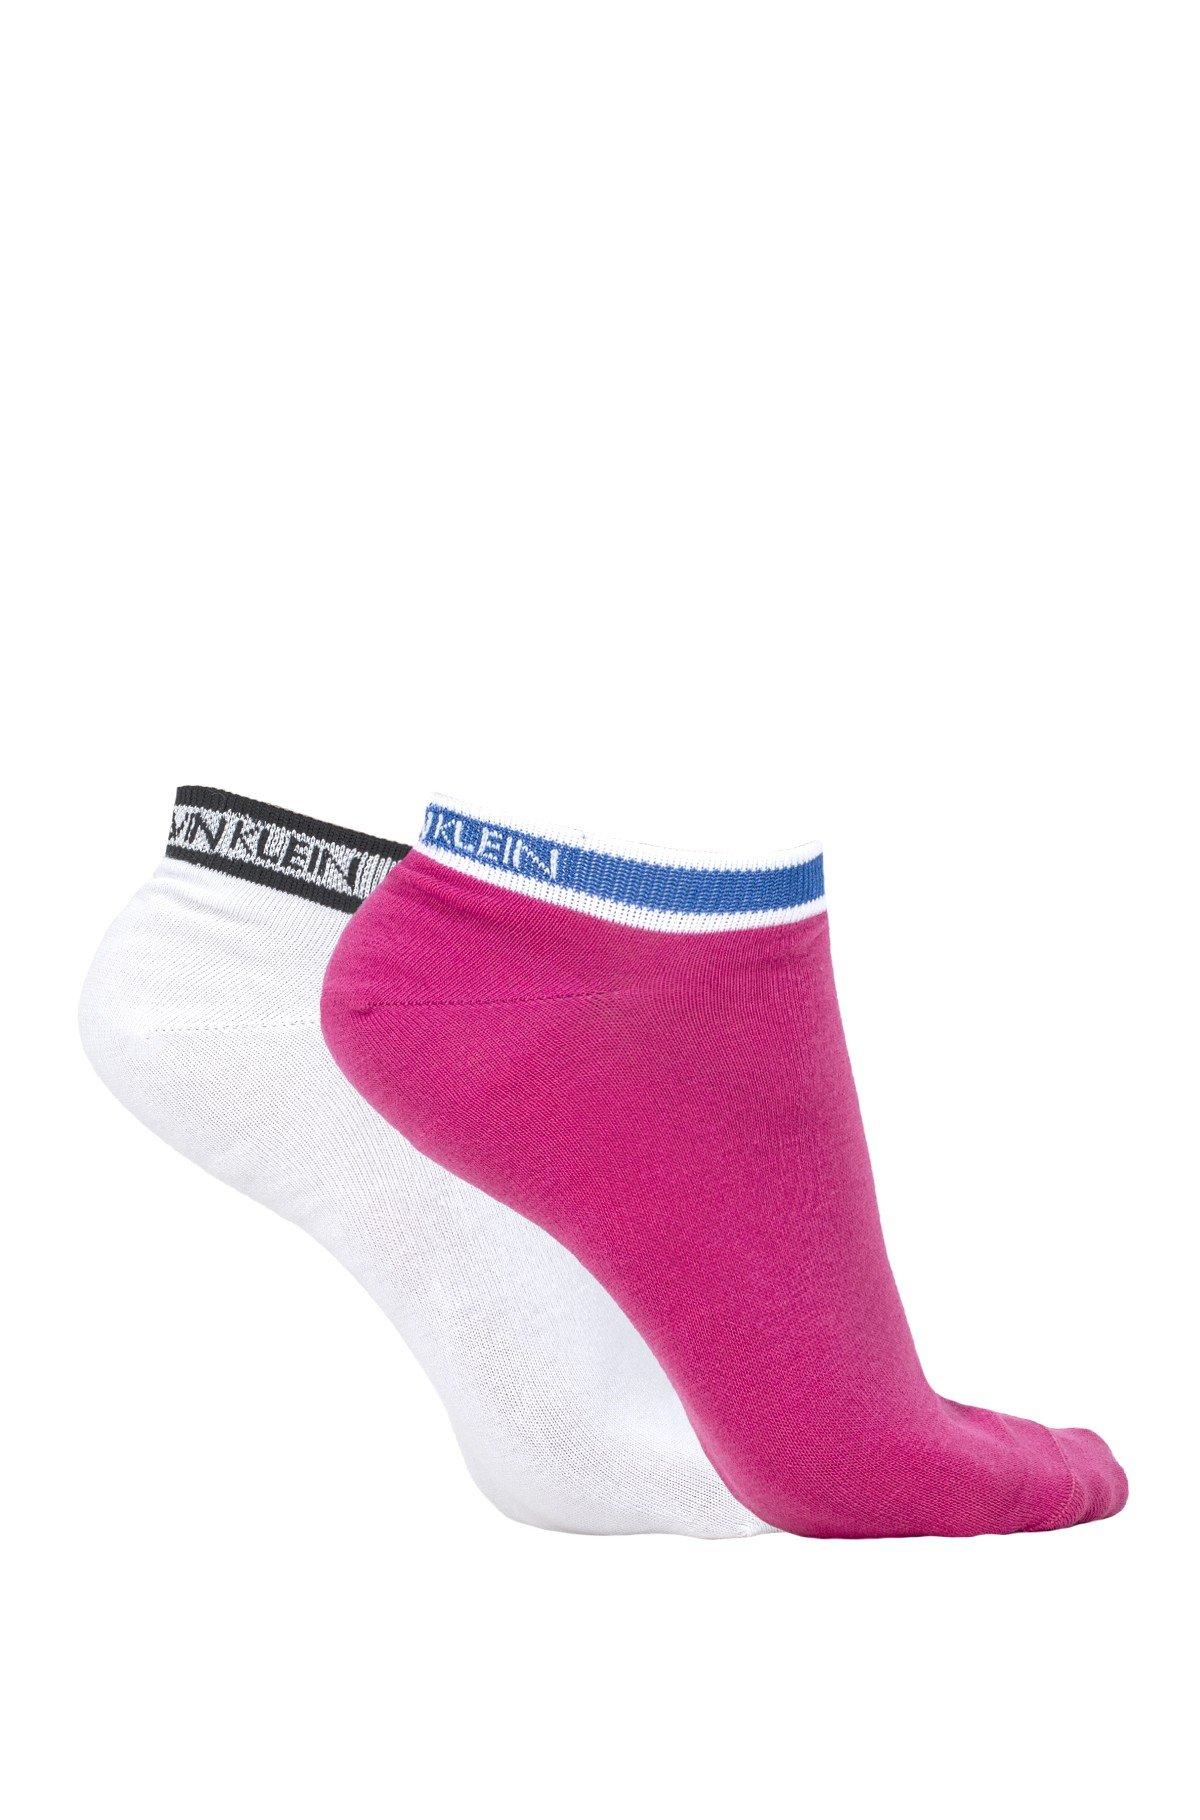 Socks 100001900-full-1